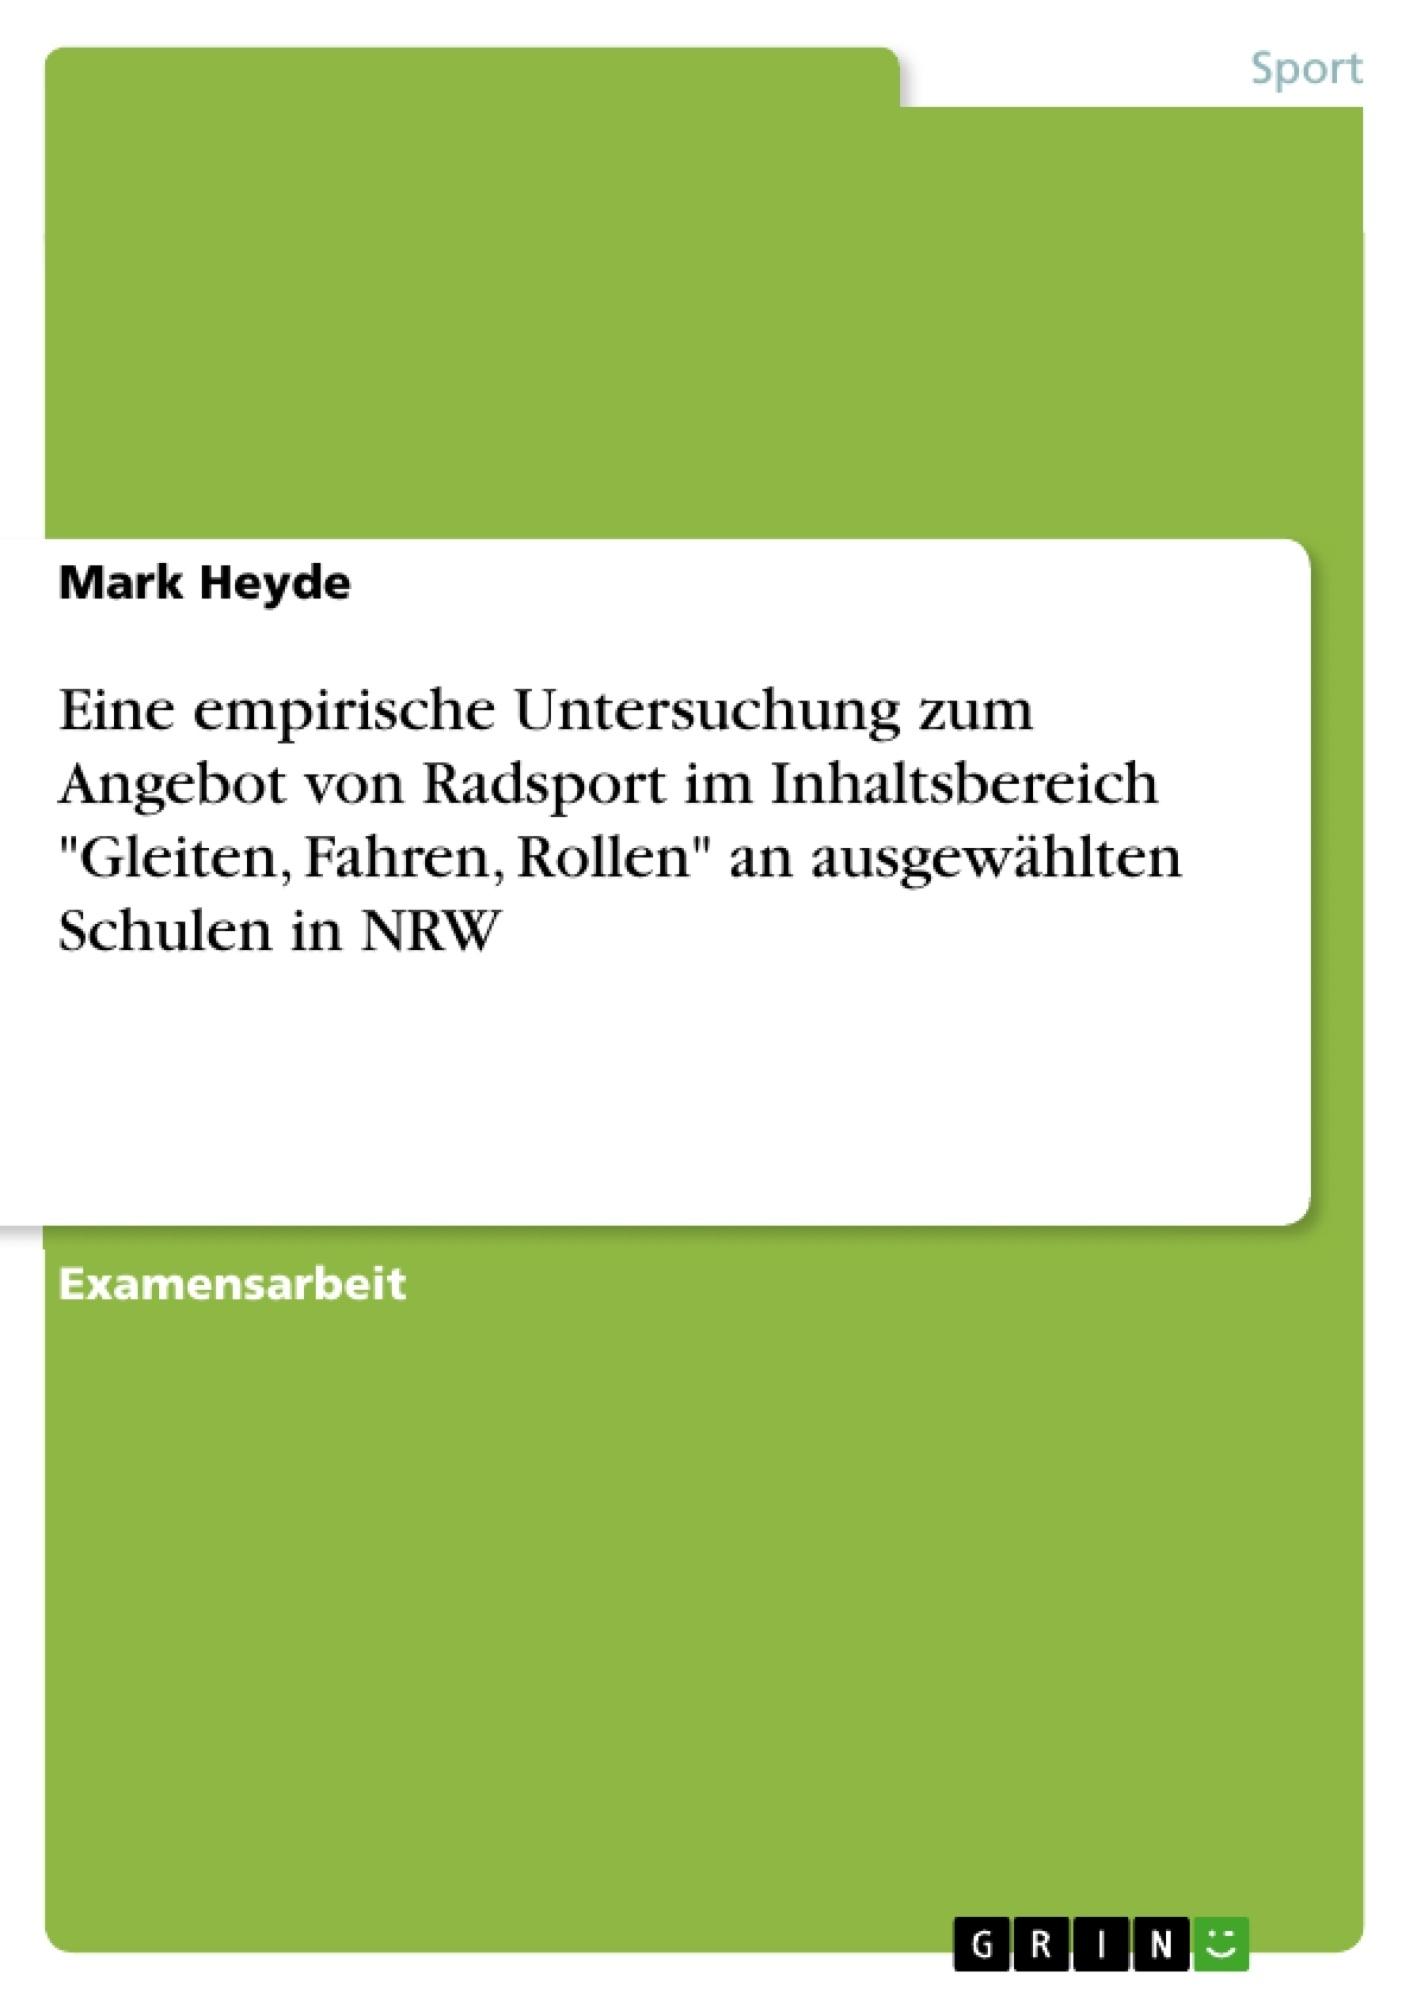 """Titel: Eine empirische Untersuchung zum Angebot von Radsport im Inhaltsbereich """"Gleiten, Fahren, Rollen"""" an ausgewählten Schulen in NRW"""